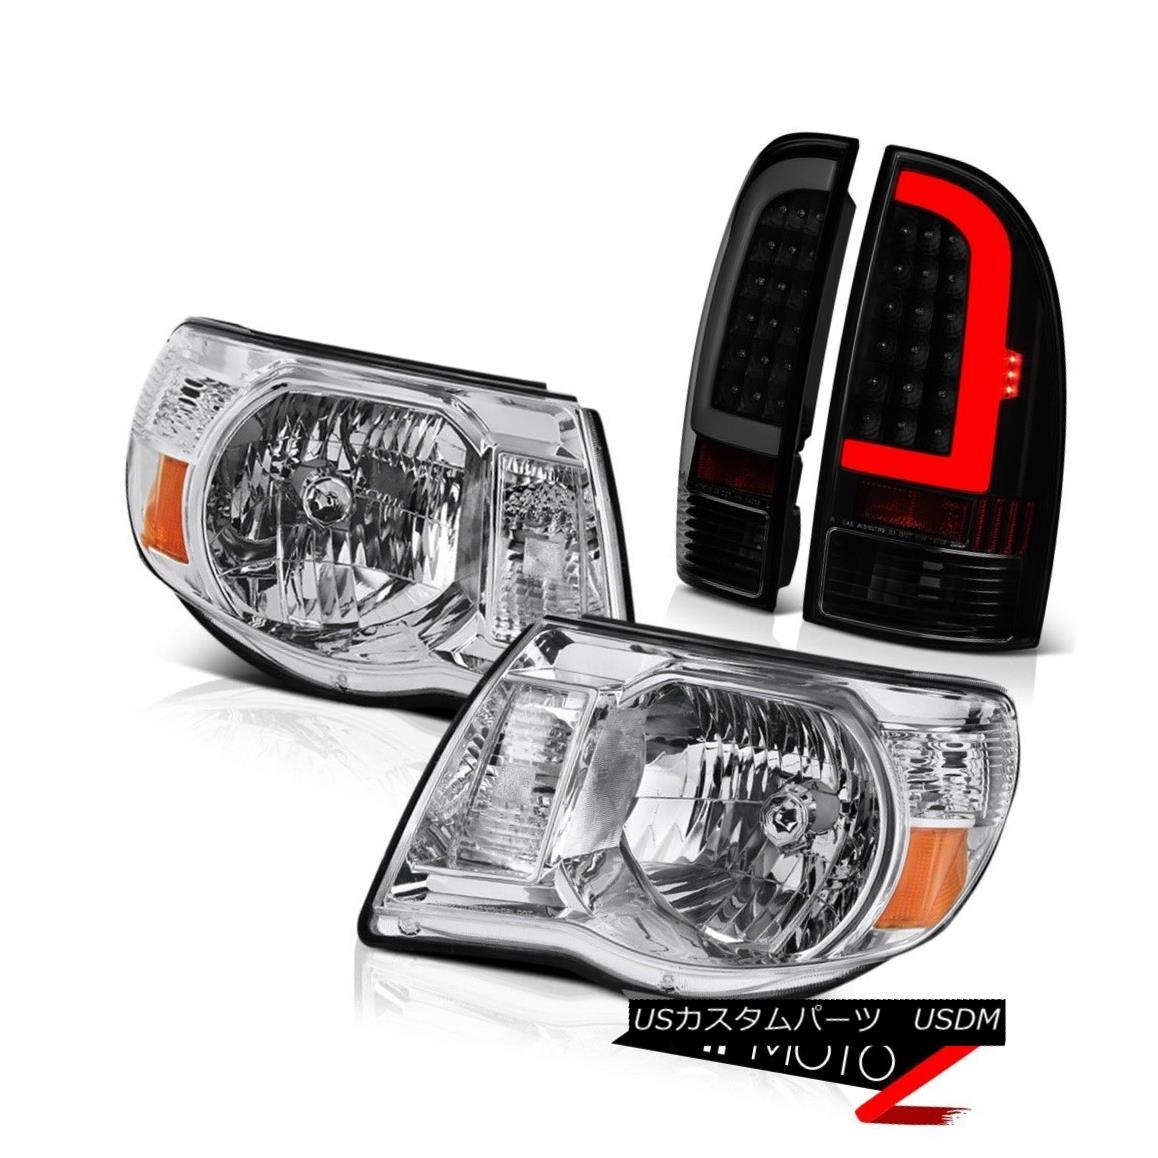 ヘッドライト 05 06-11 Toyota Tacoma Sinister Black Rear Crystal Clear Head Lamps Replacement 05 06-11トヨタタコマシニスターブラックリアクリスタルクリアヘッドランプ交換